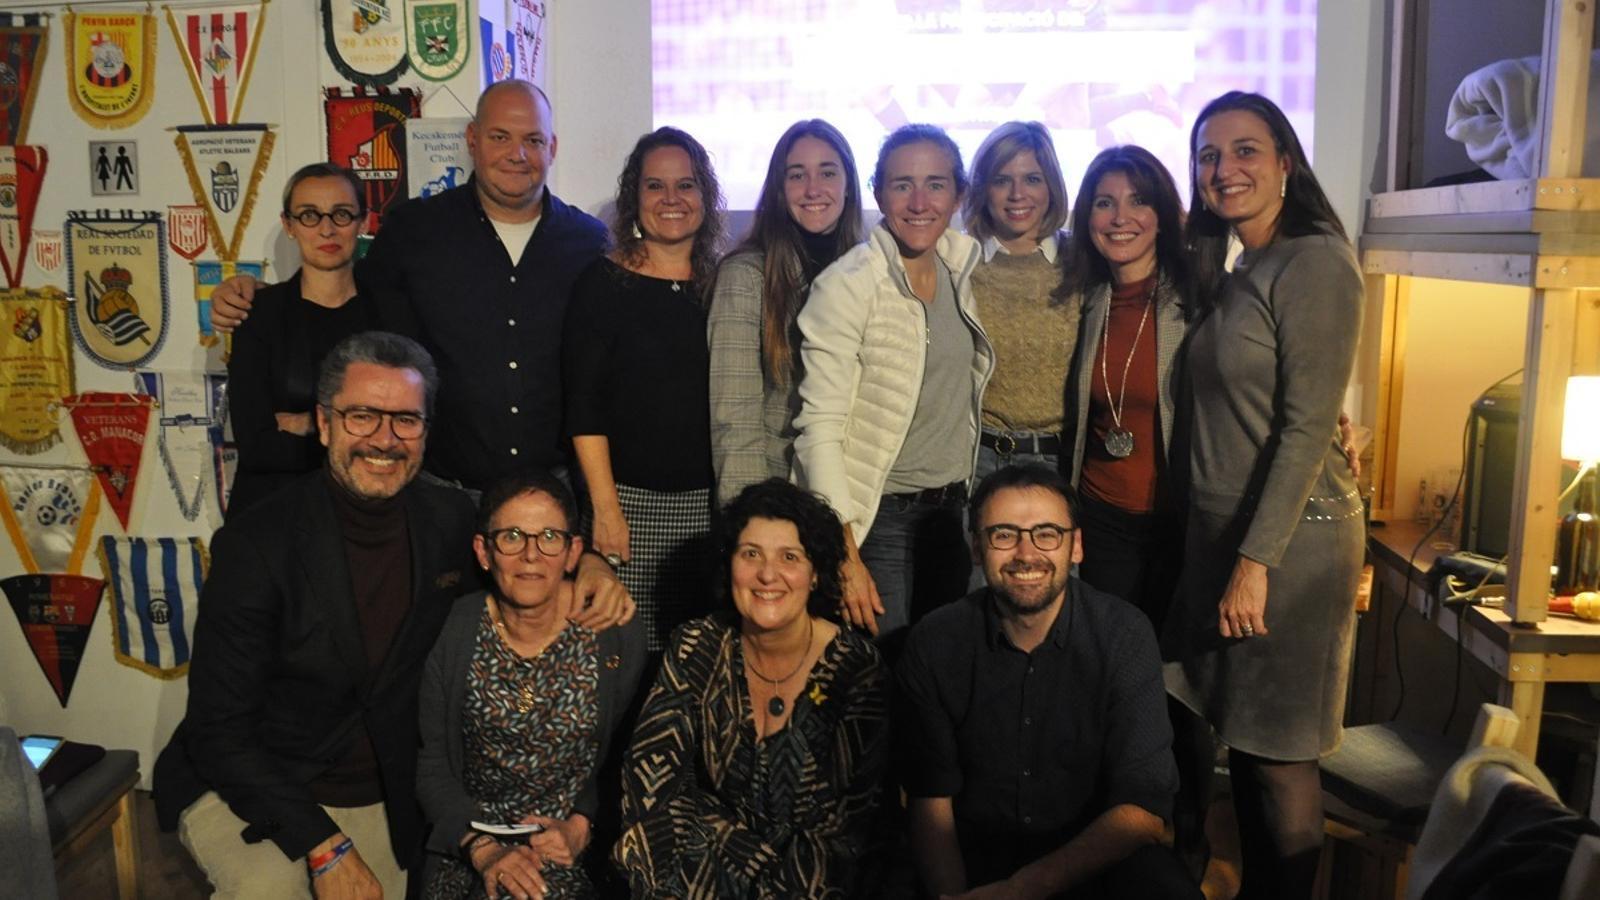 Fotografia dels ponents a la taula rodona 'Dones i Barça' al Conesa Bar de Barcelona